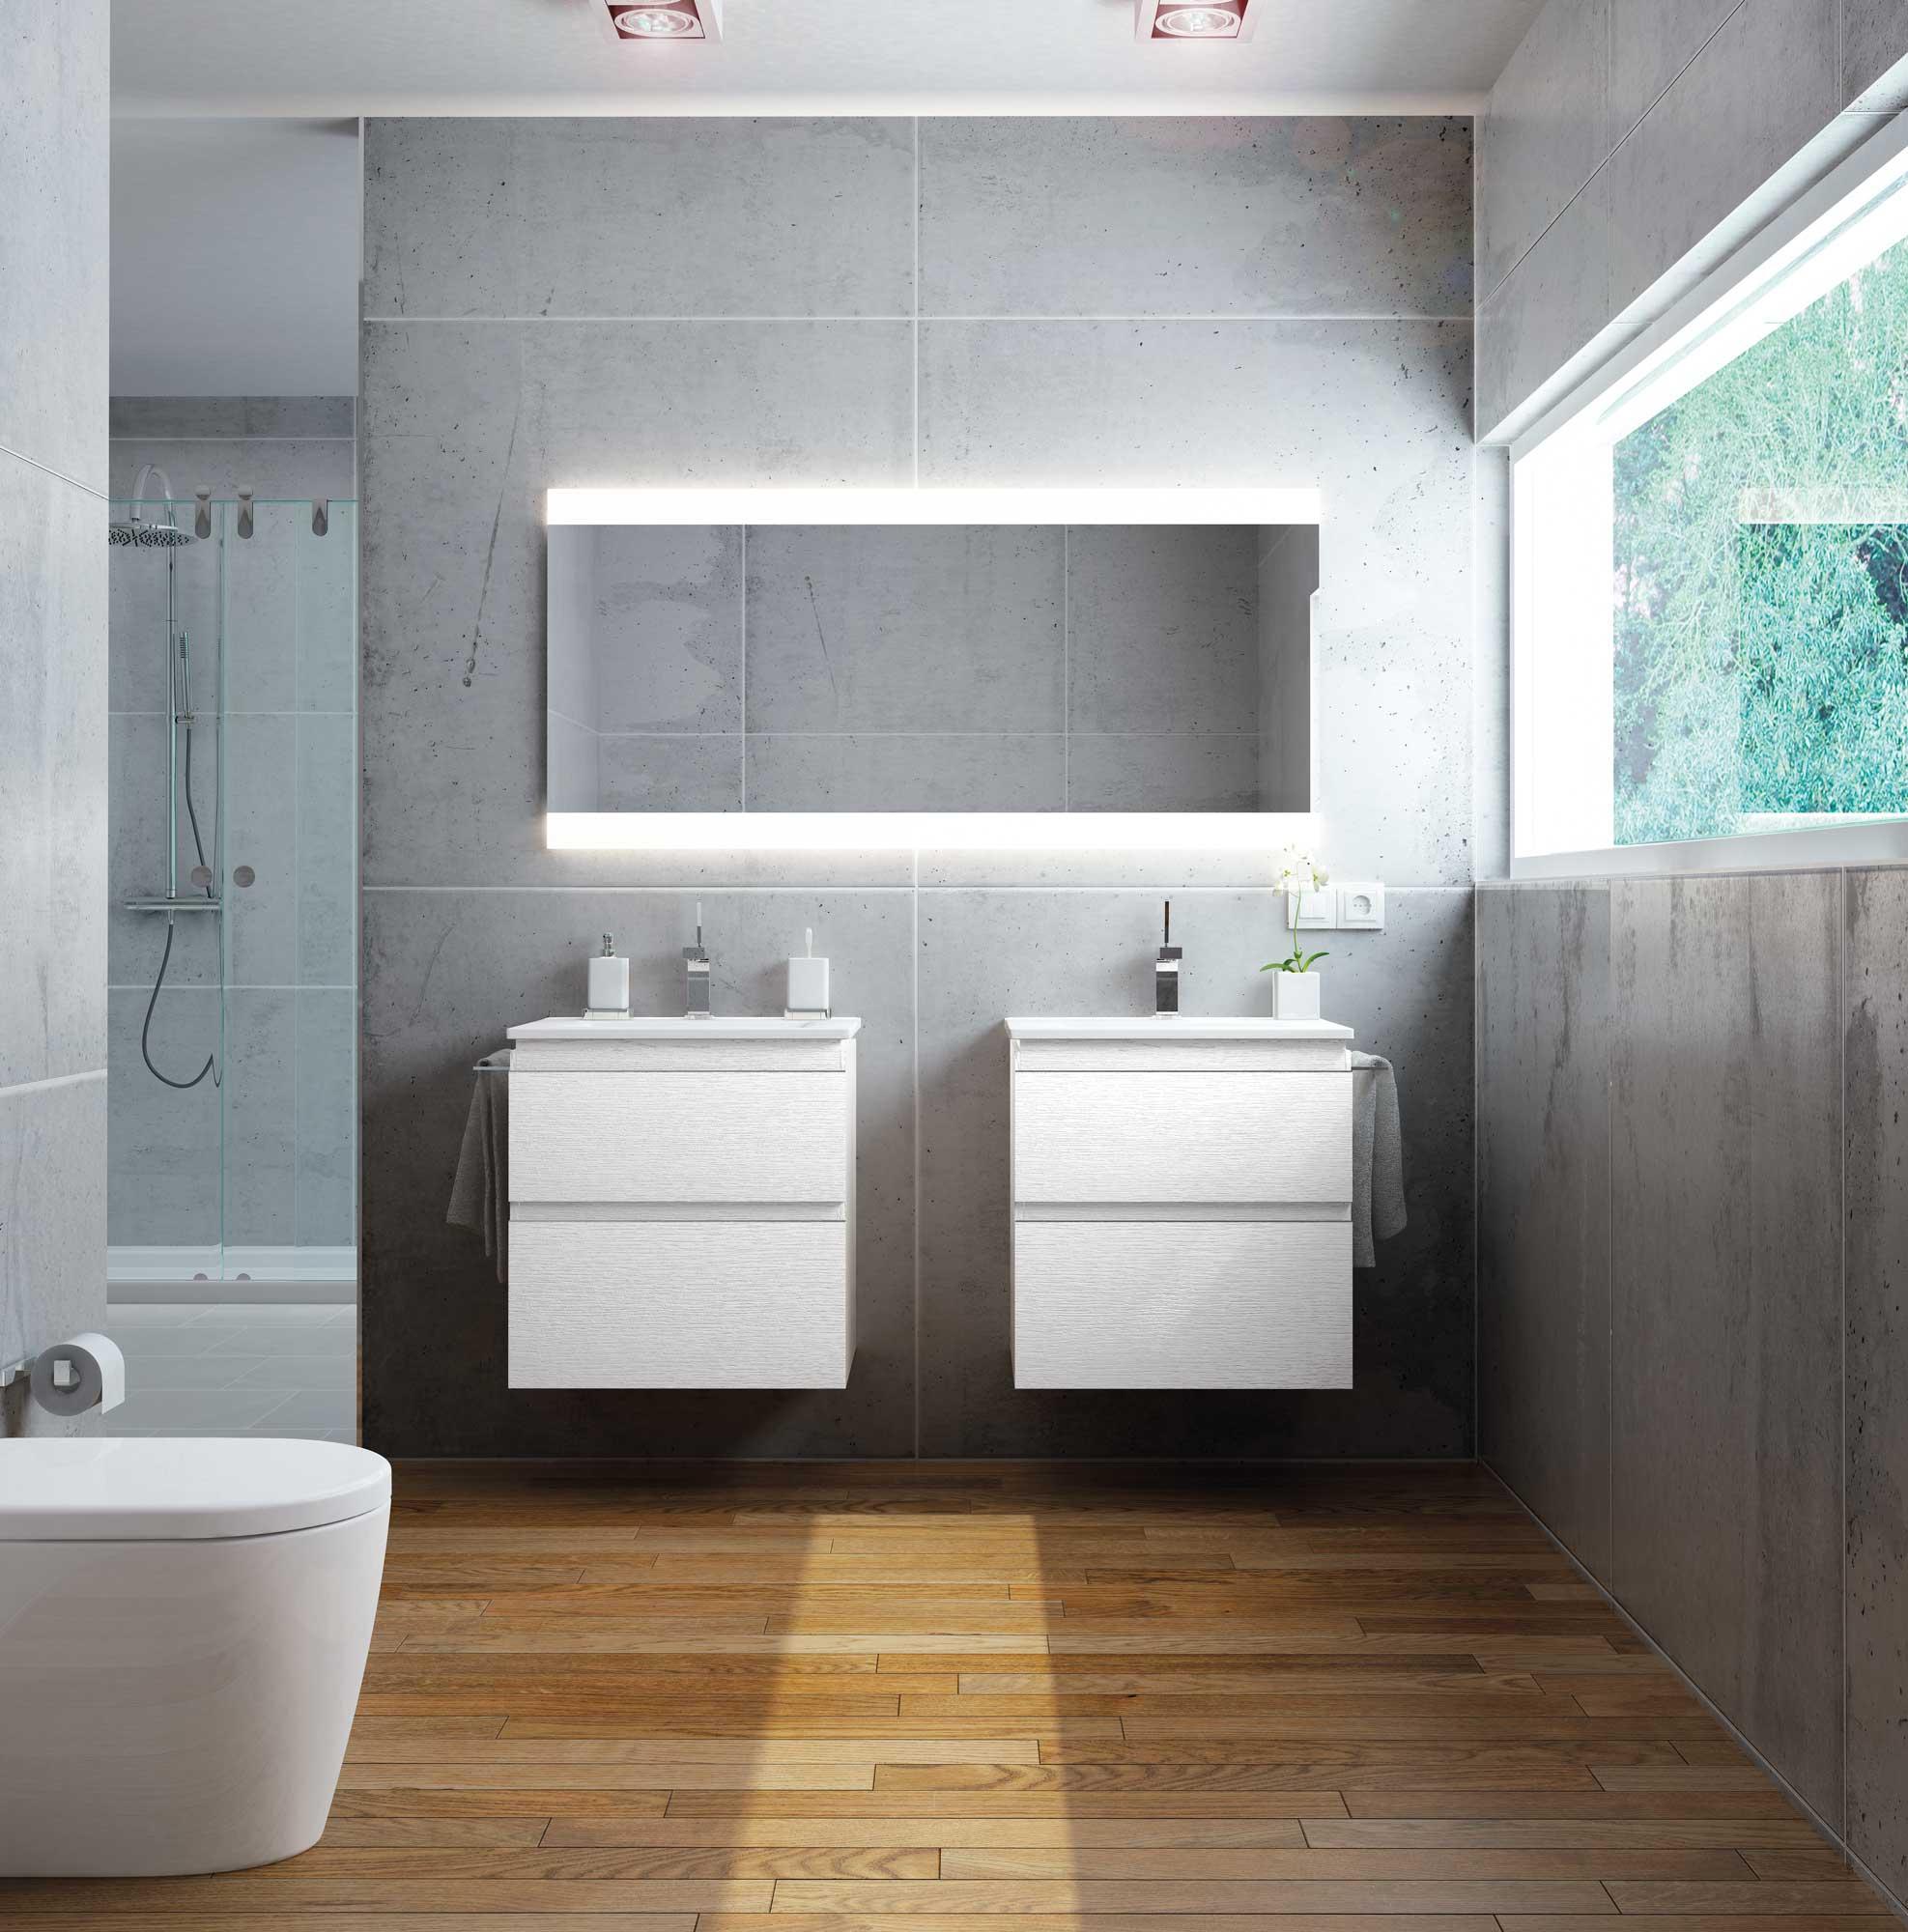 Baños modernos - Avila Dos